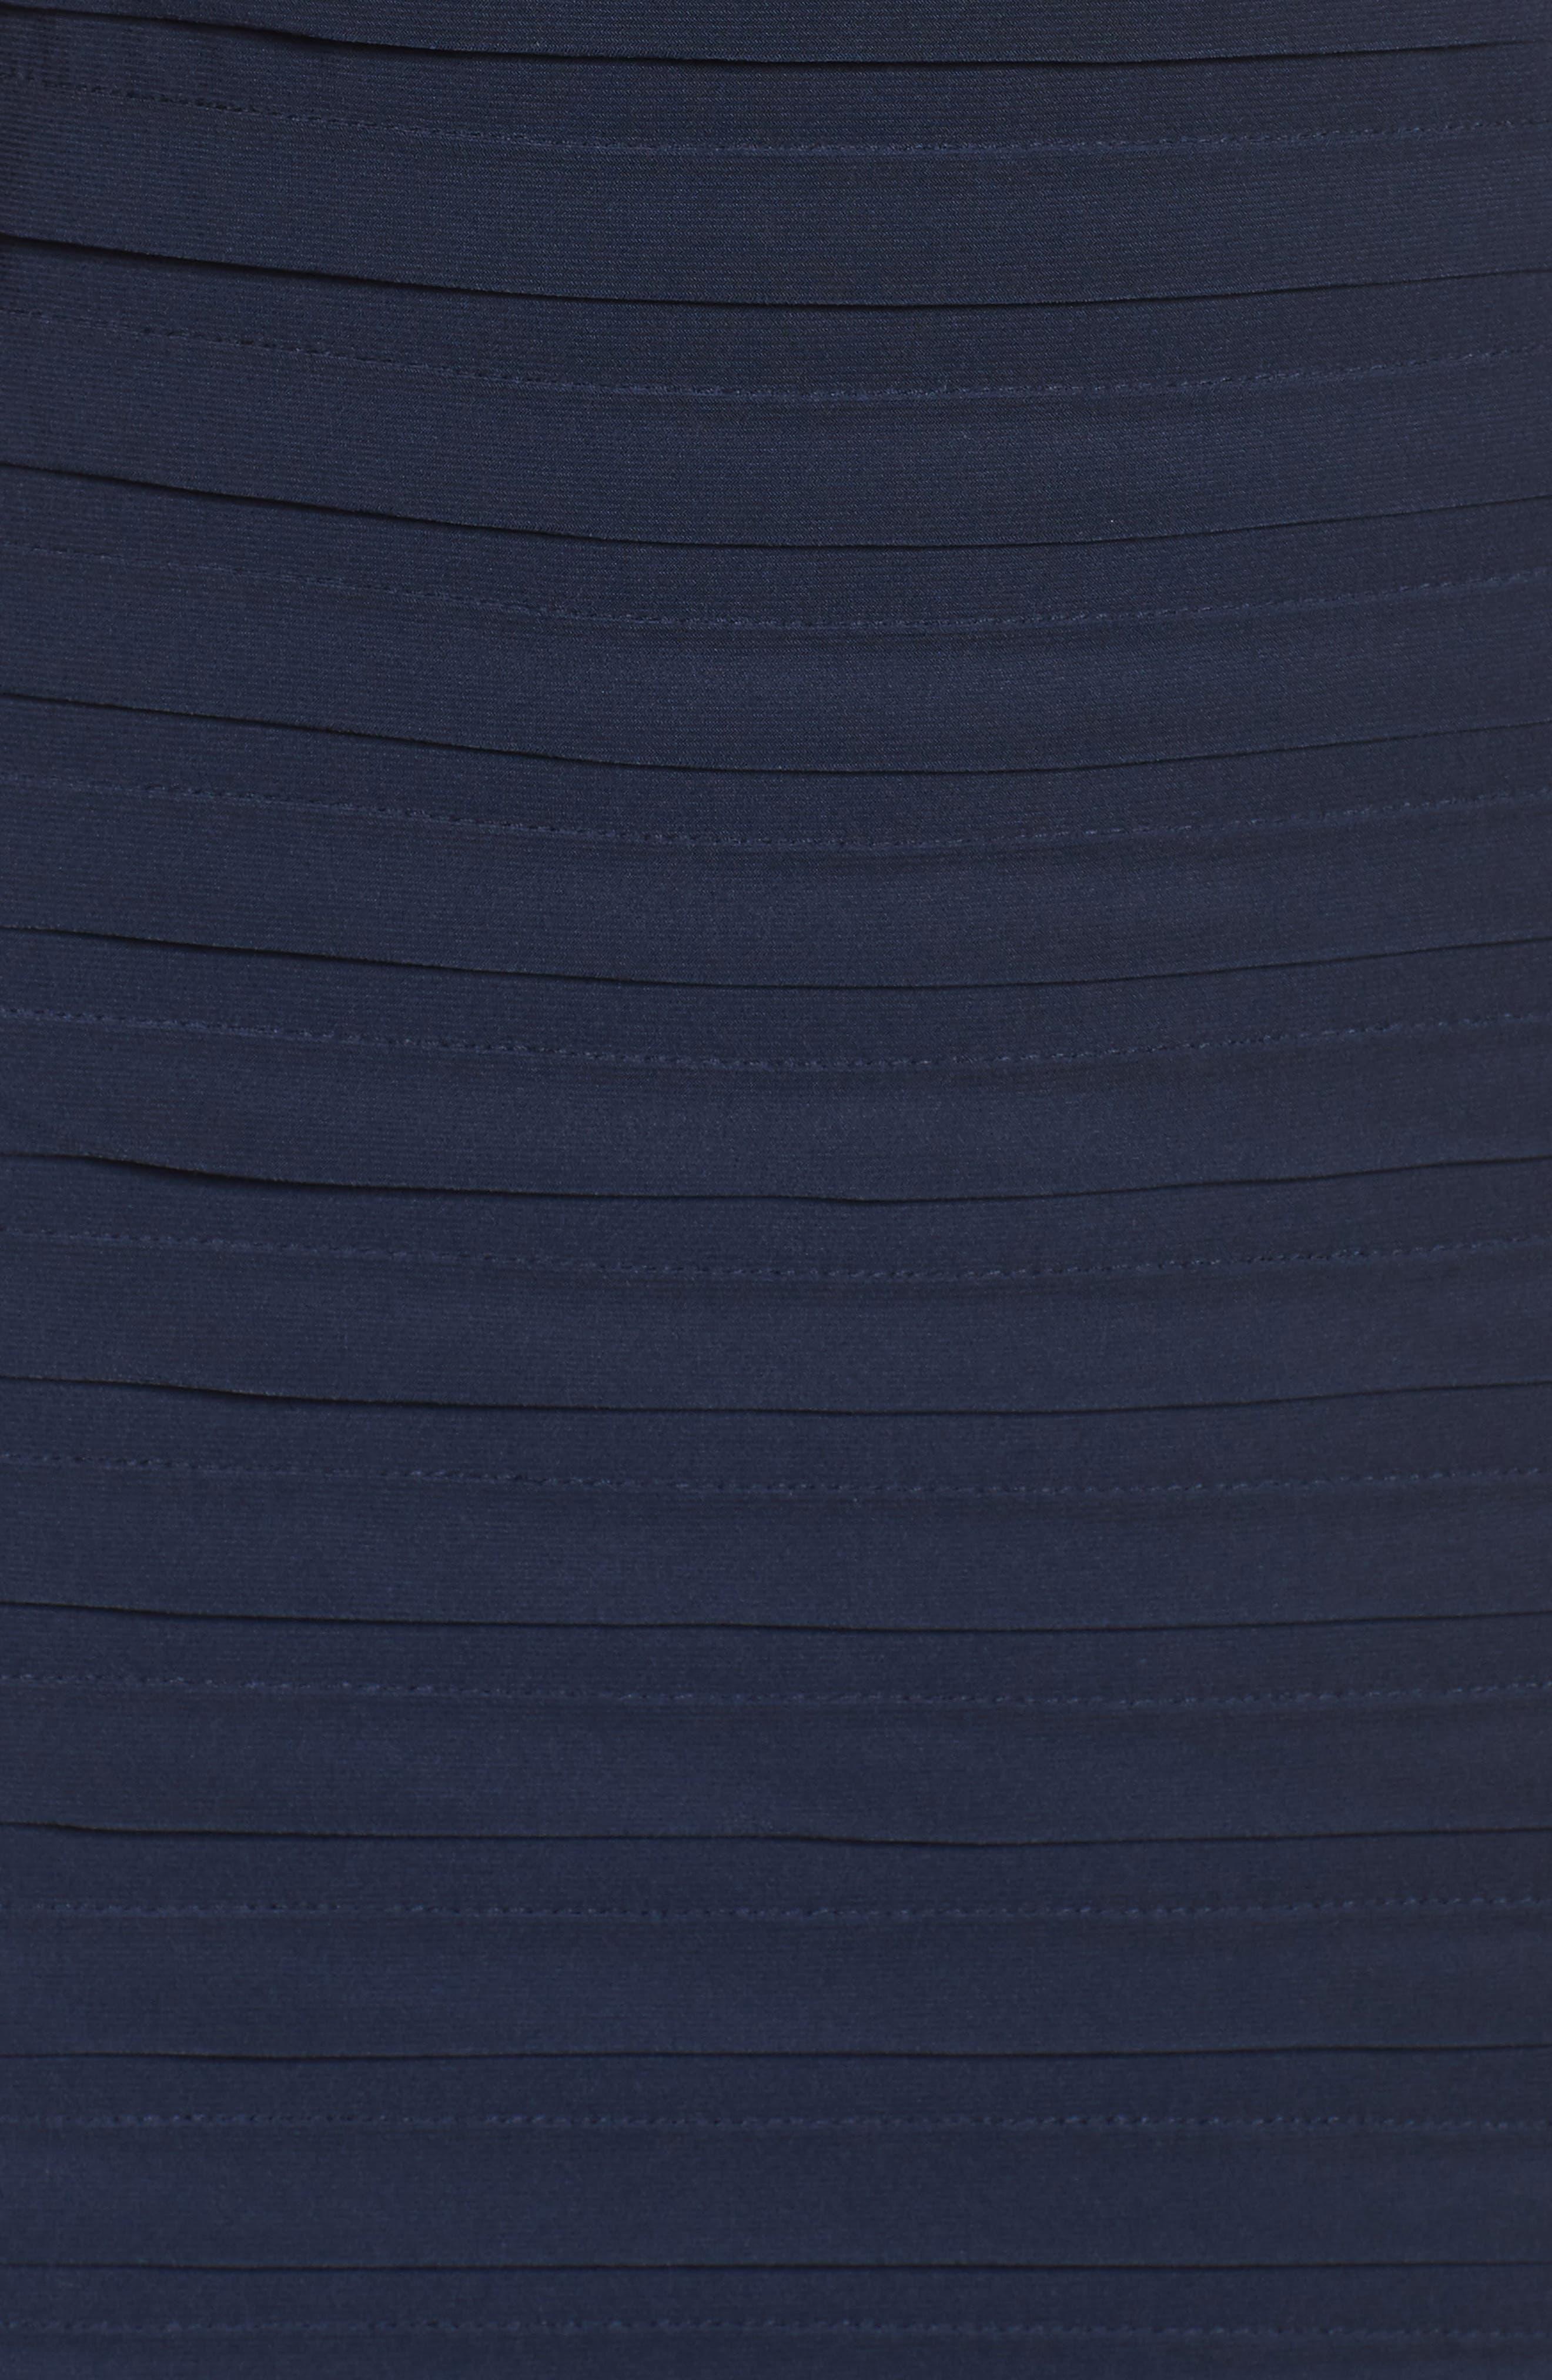 Chiffon & Jersey Sheath Dress,                             Alternate thumbnail 7, color,                             408